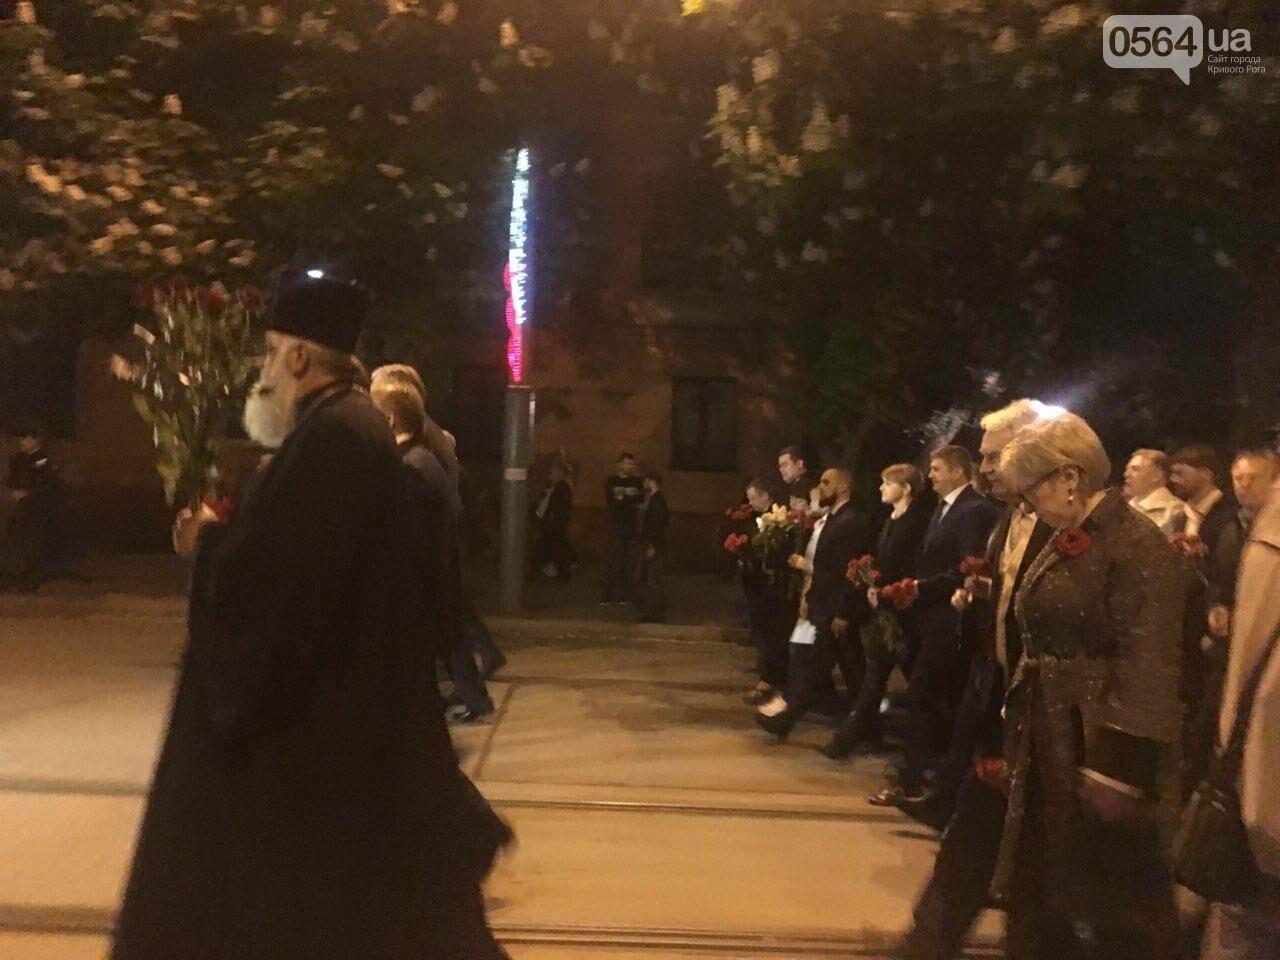 В Кривом Роге затемно начали отмечать День победы над нацизмом во Второй мировой войне, - ФОТО, ВИДЕО, фото-18